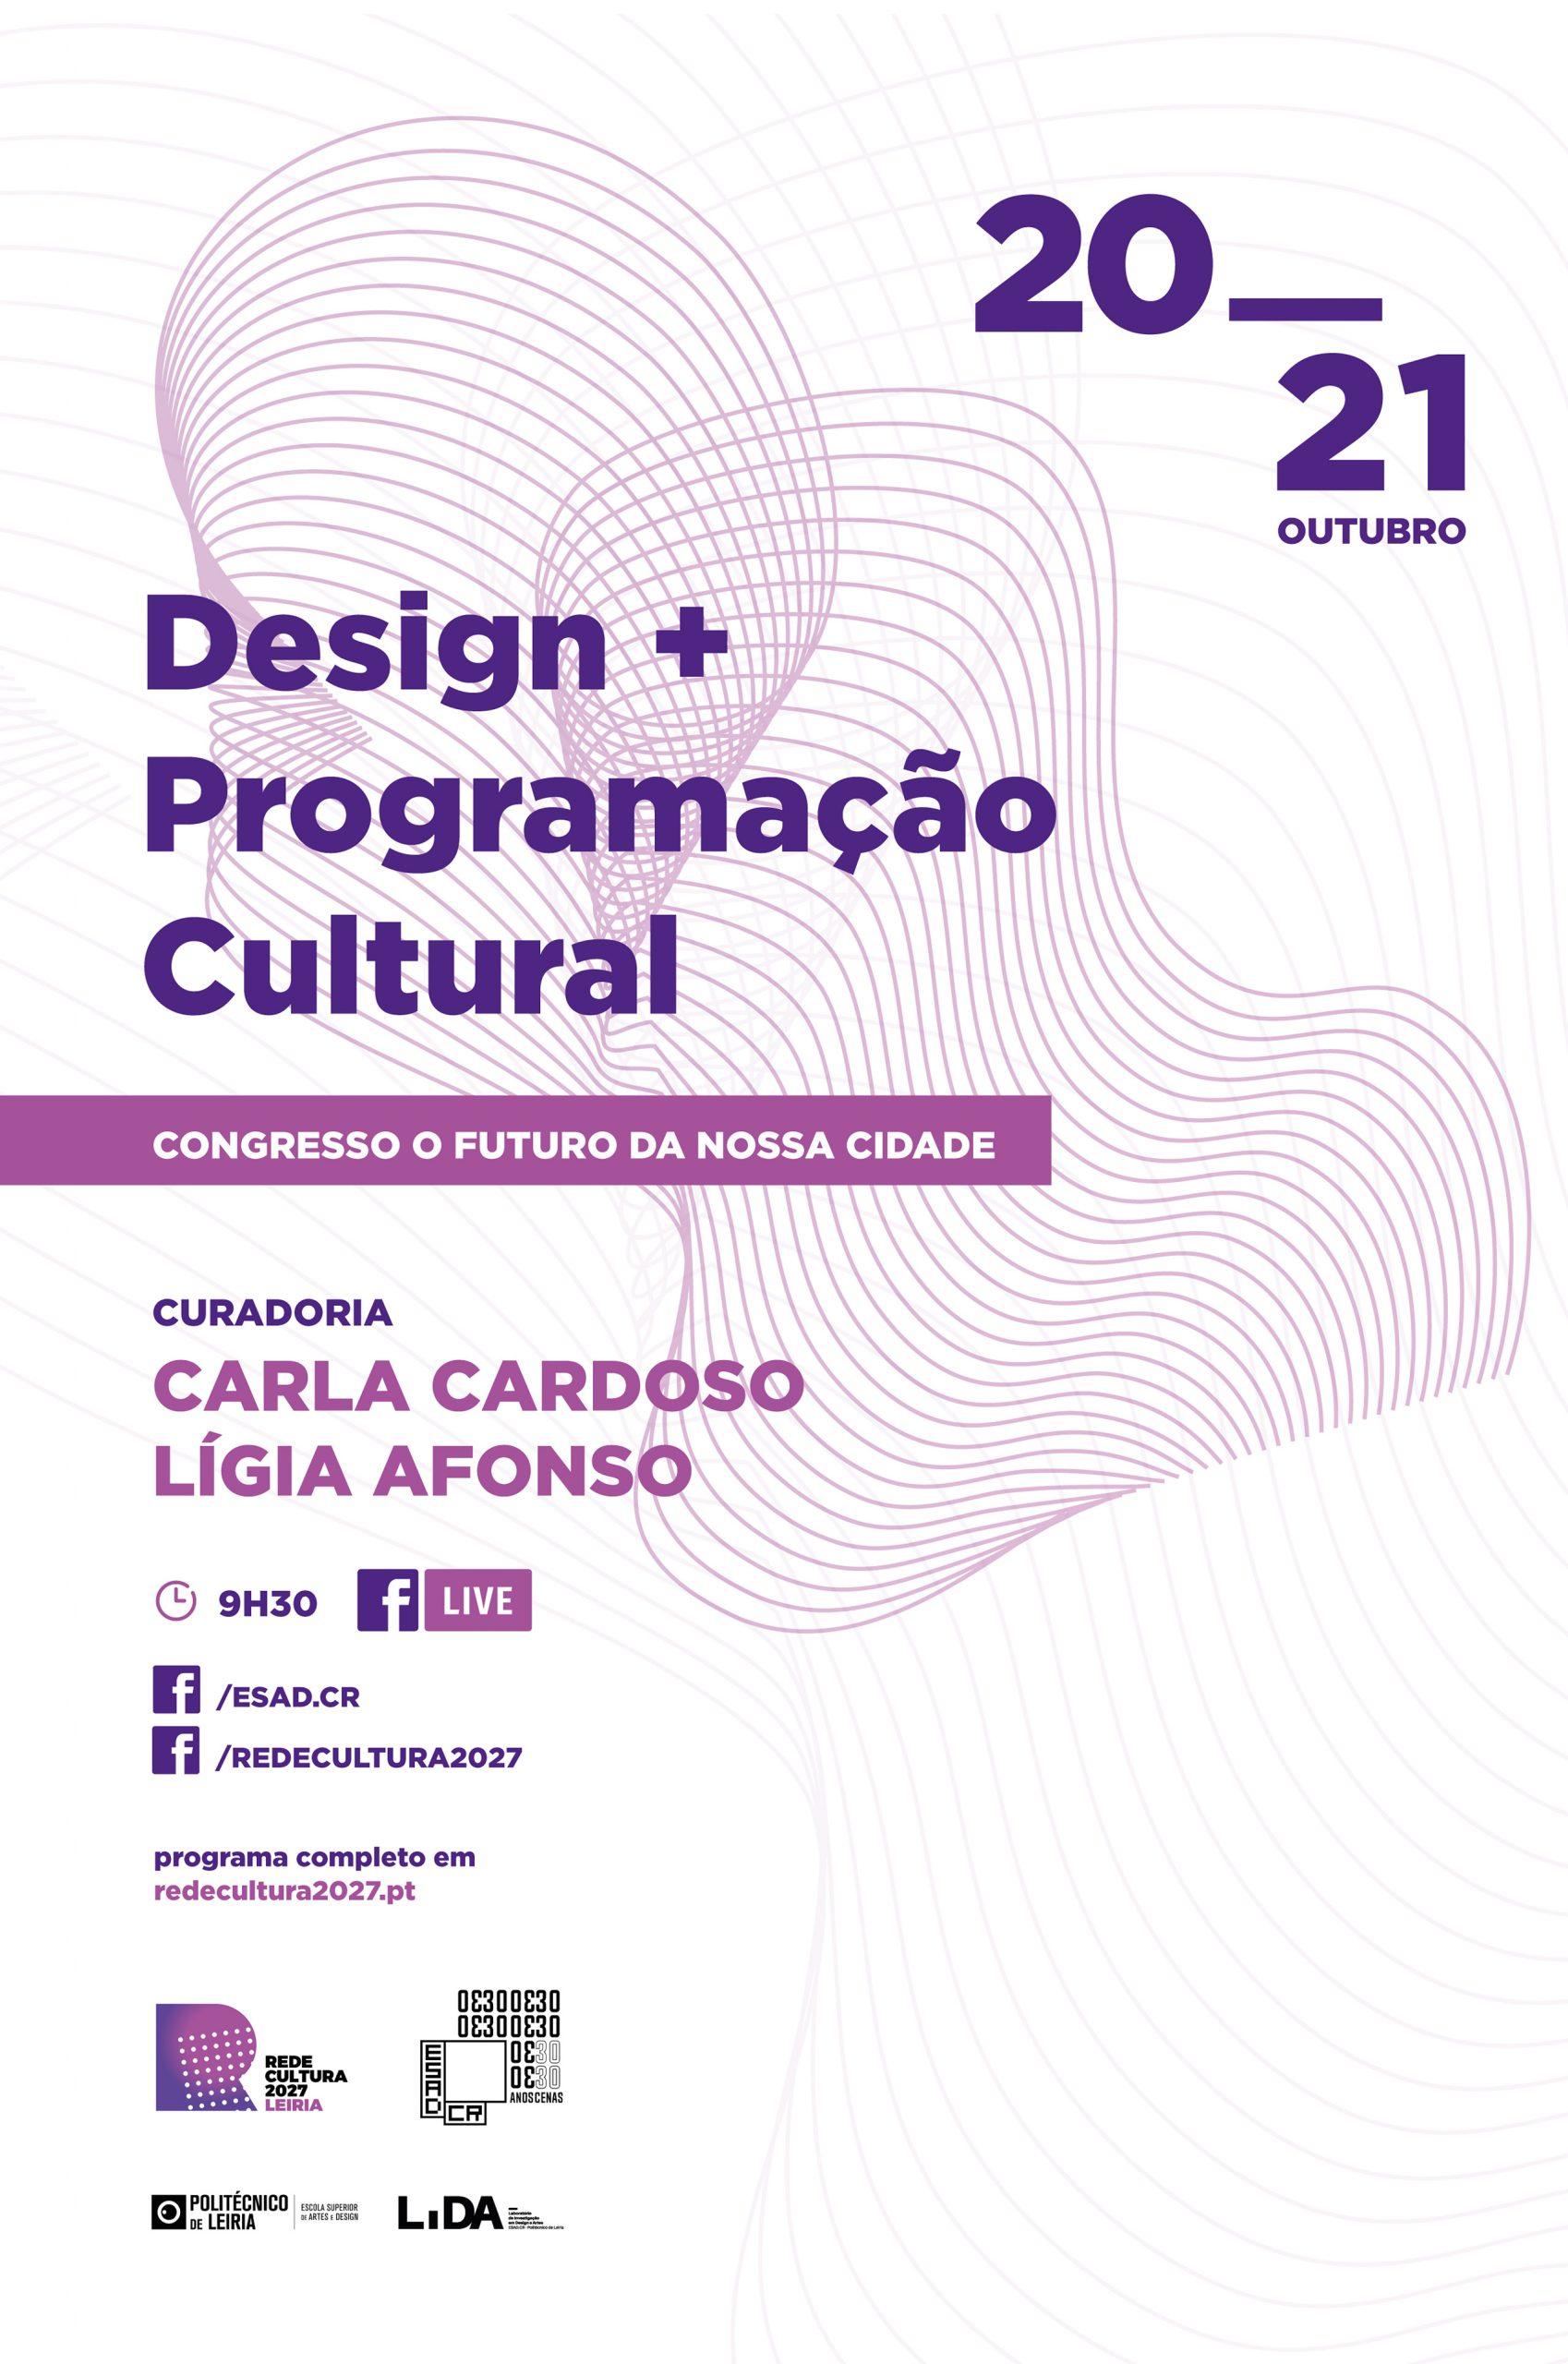 Copyright: Instituto Politécnico de Leiria